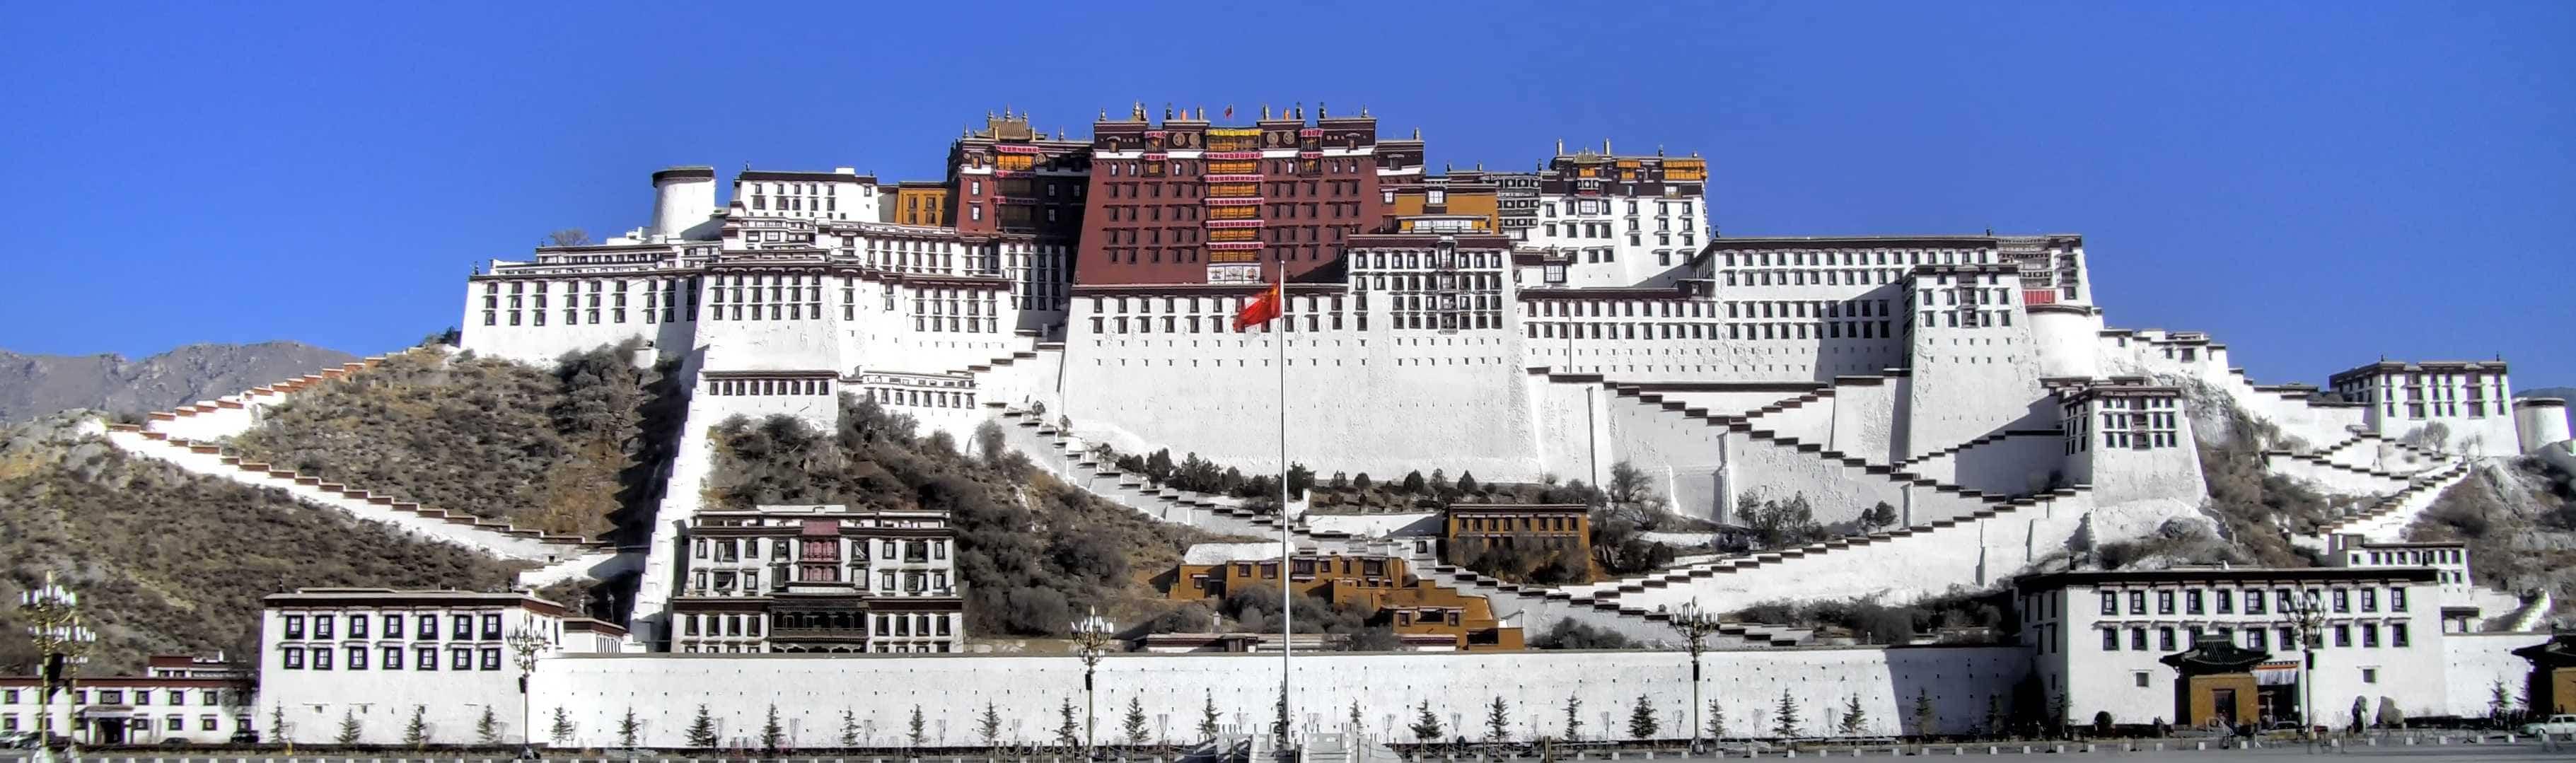 Holy Potala Palace in Lhasa, Tibet